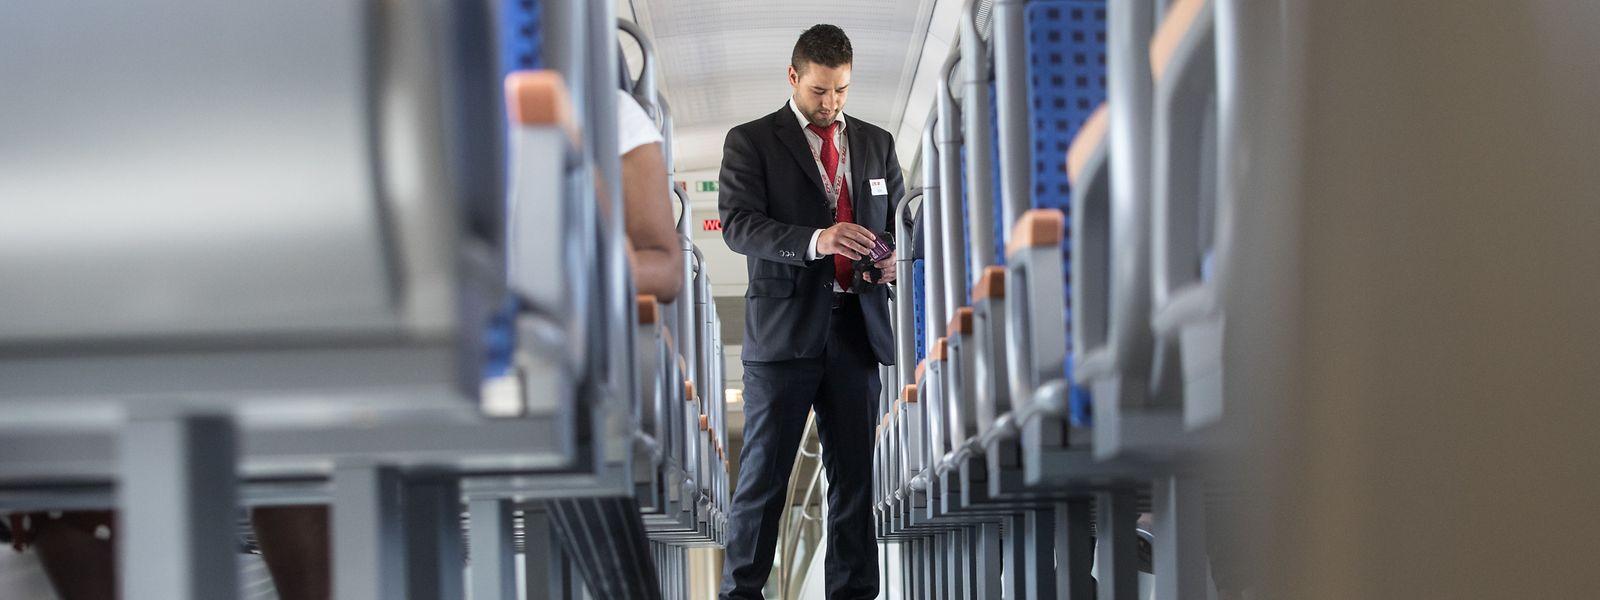 An dem kommenden März werden die Schaffner nur noch in der ersten Klasse Fahrkarten kontrollen müssen. Ihr Aufgabenbereich verändert sich dementsprechend.